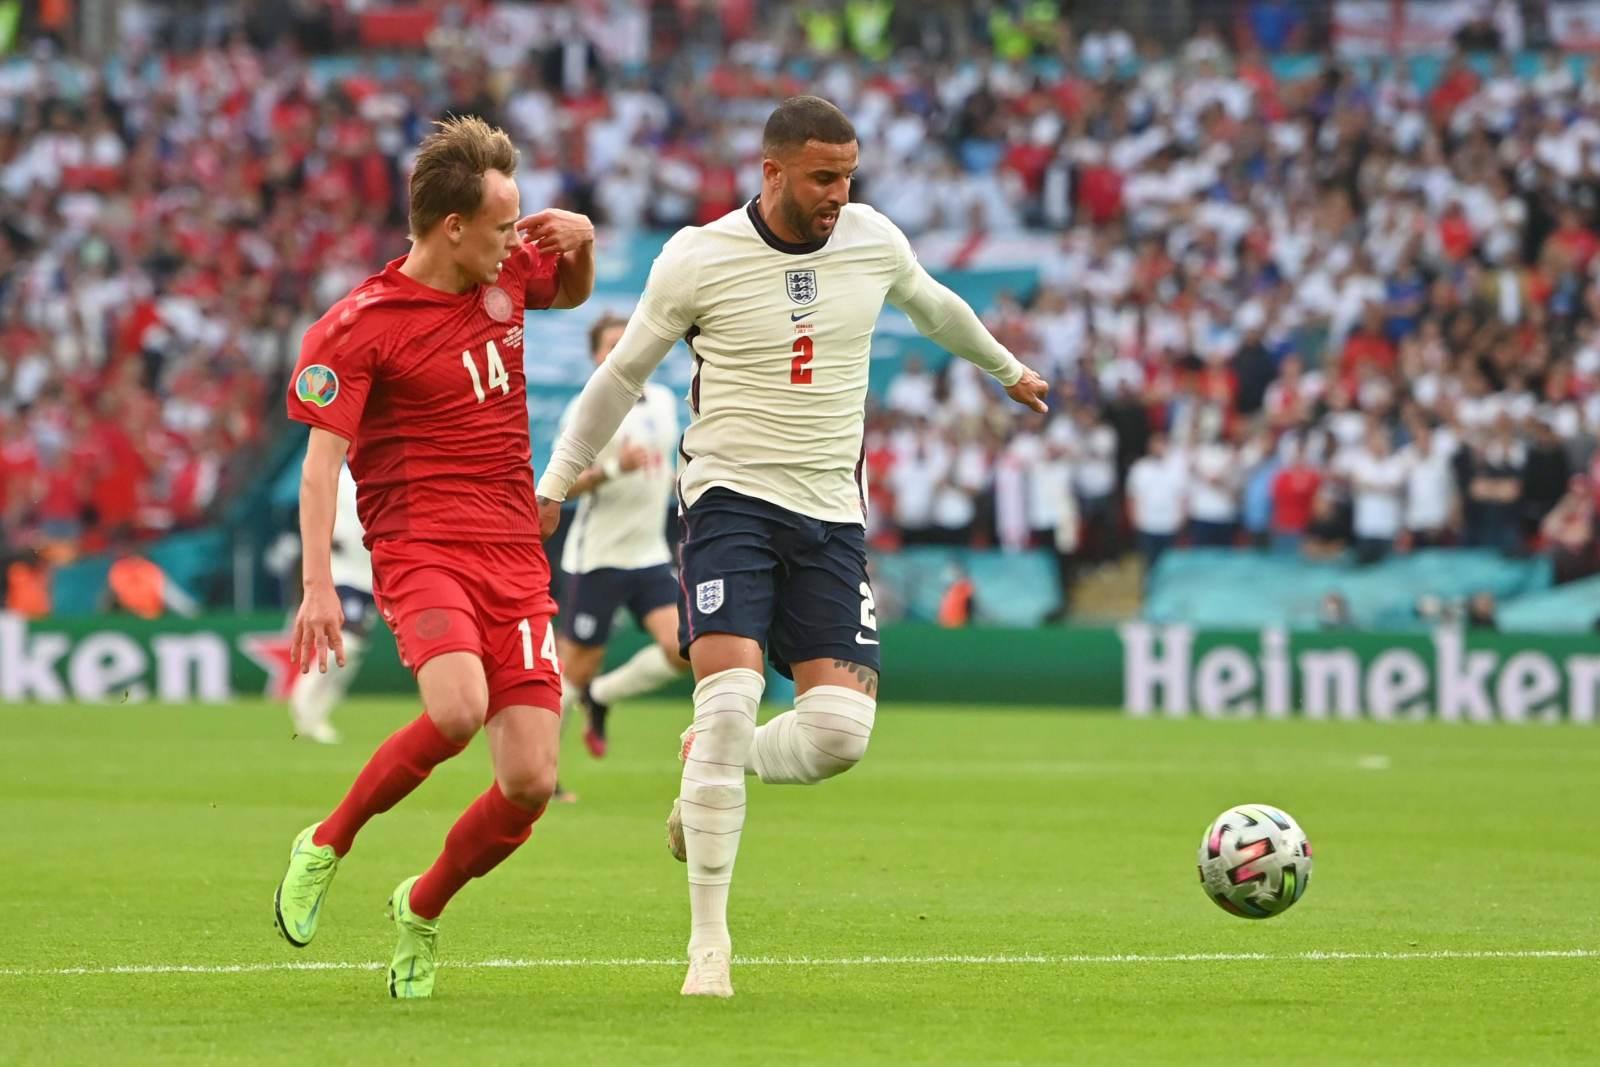 ФИФА начала расследование по матчу Польша – Англия, Уокера могли оскорбить на почве расизма